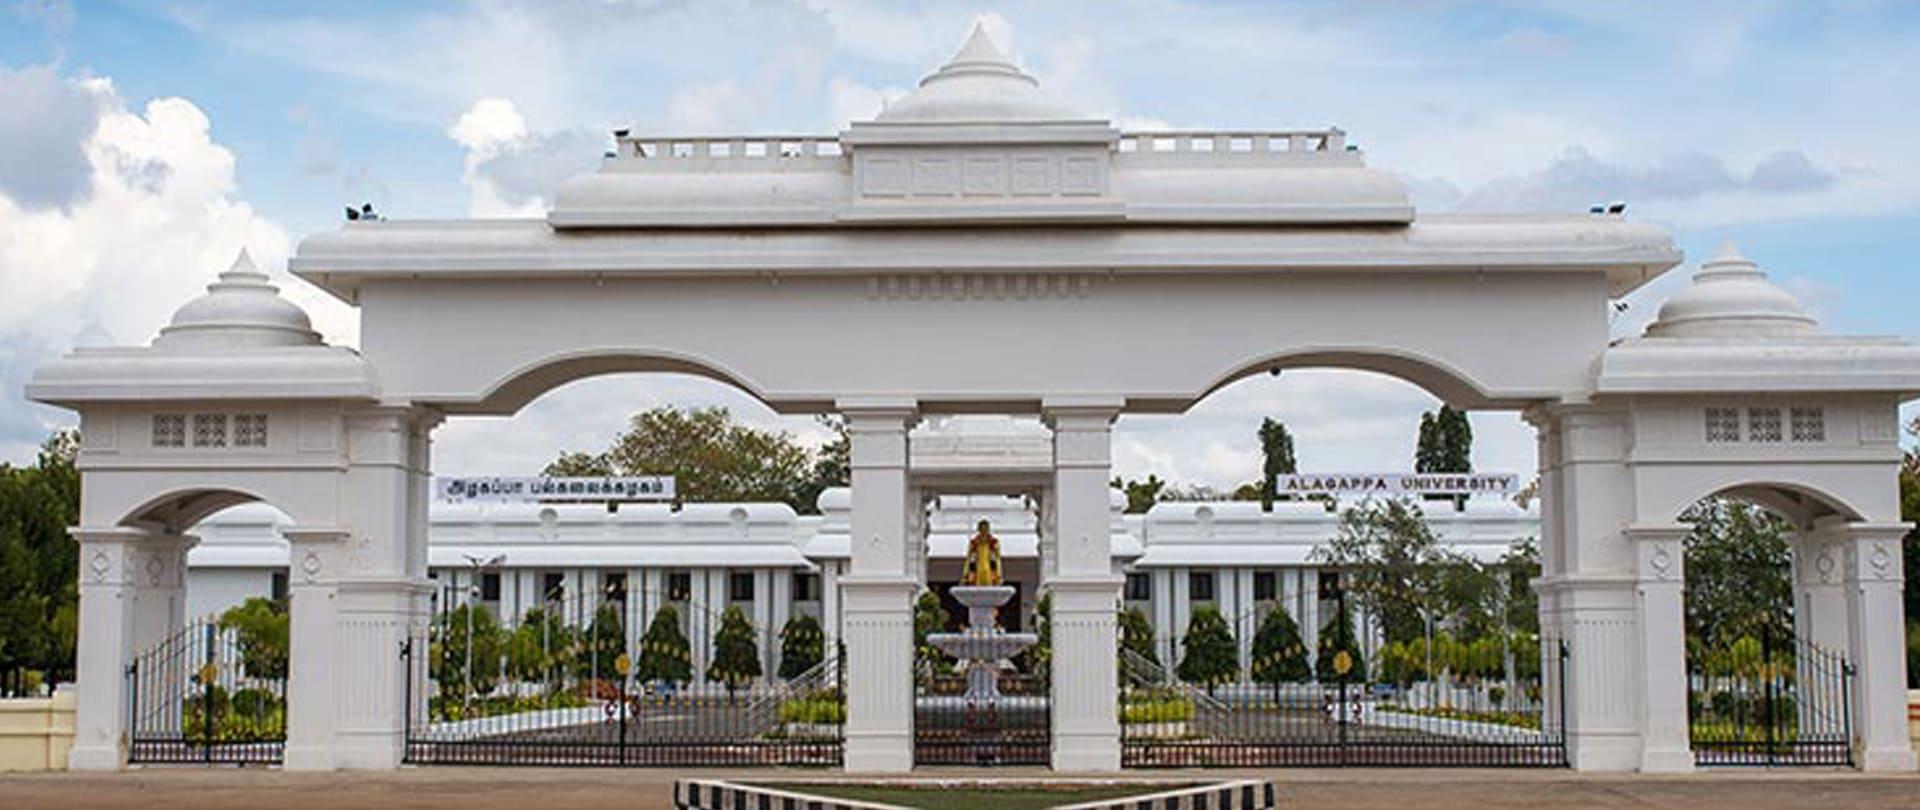 منحة جامعة Alagappa لدراسة زمالات ما بعد الدكتوراه الهند 2022